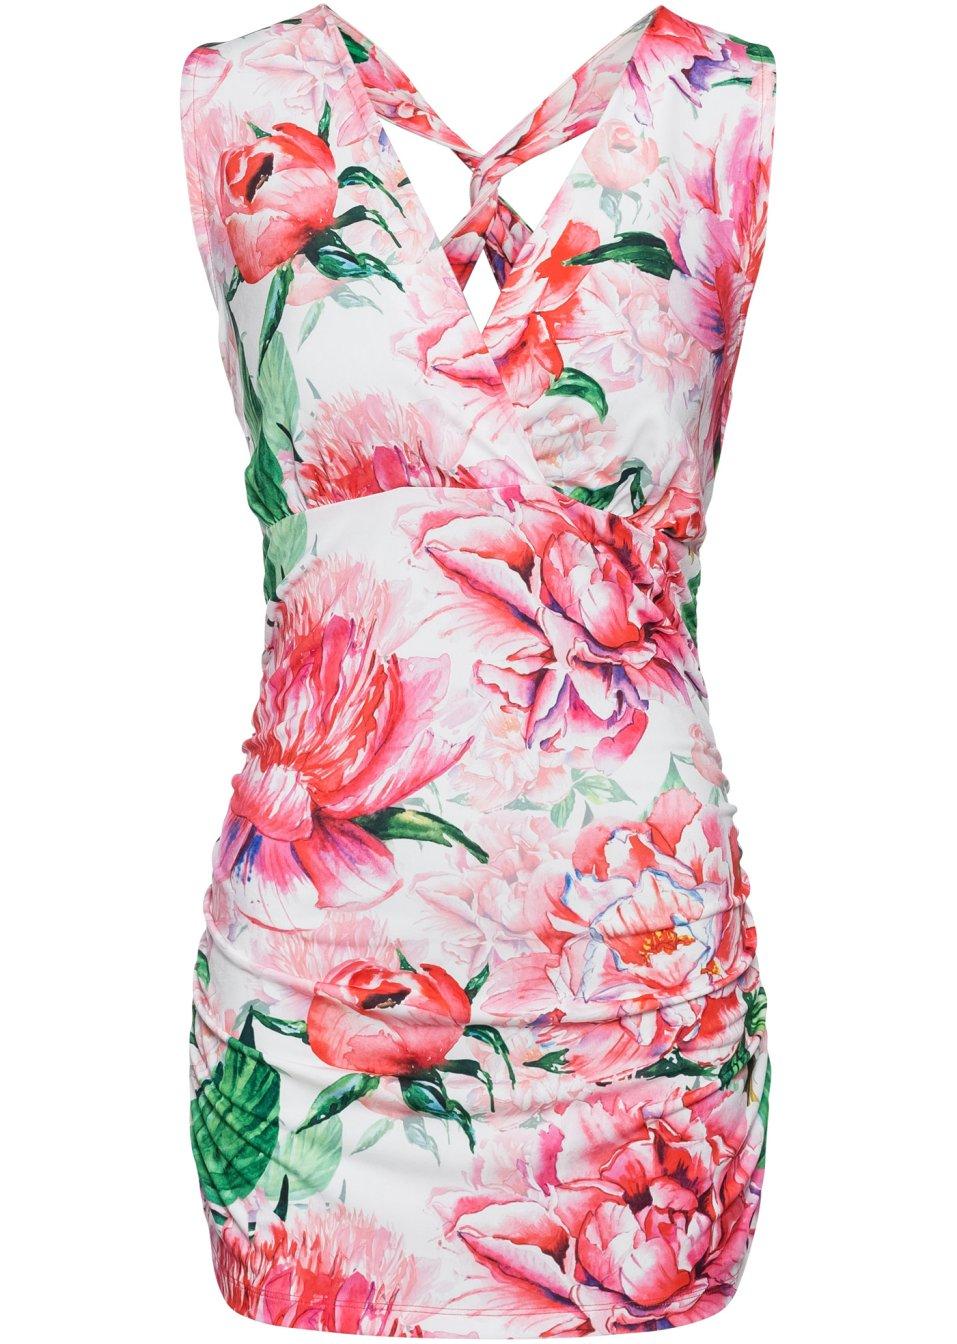 Top Blume rosa/weiß bedruckt - Damen - bonprix.de HlA9j 3Pgch